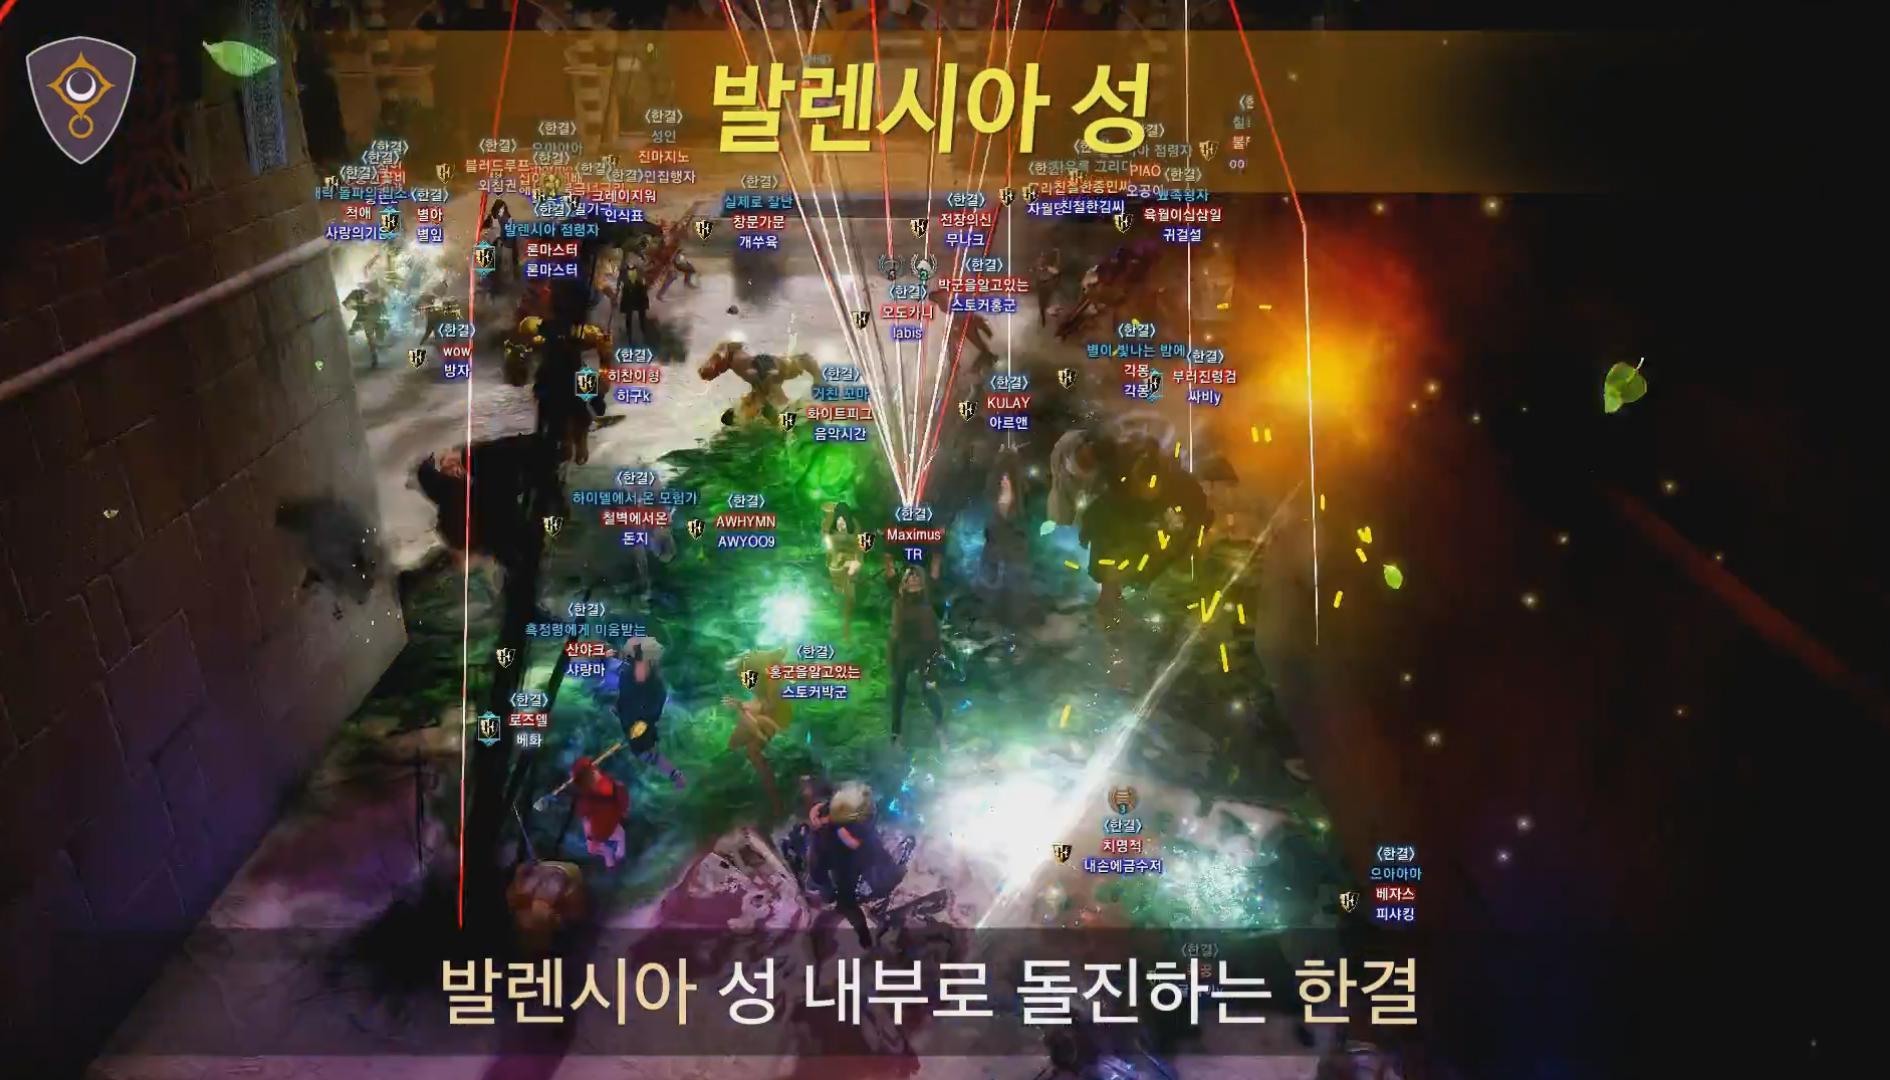 2017년 1월 7일 검은사막 월드 점령전